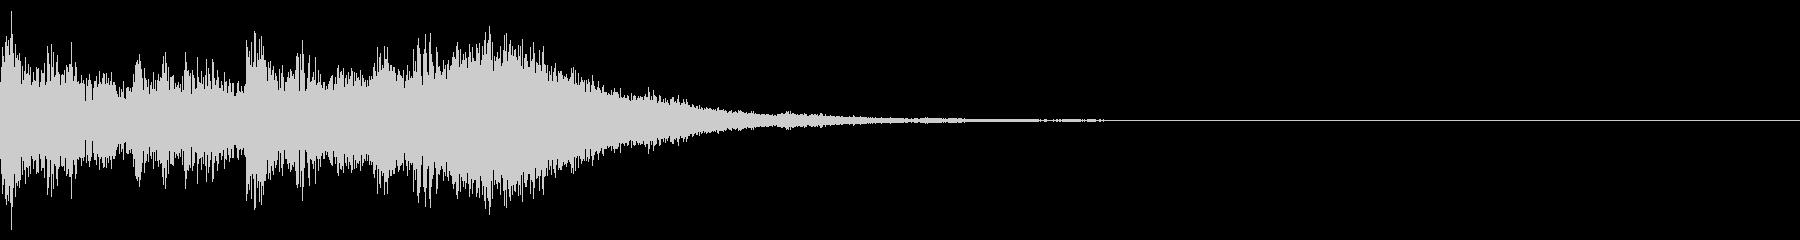 オーケストラなアイキャッチの未再生の波形